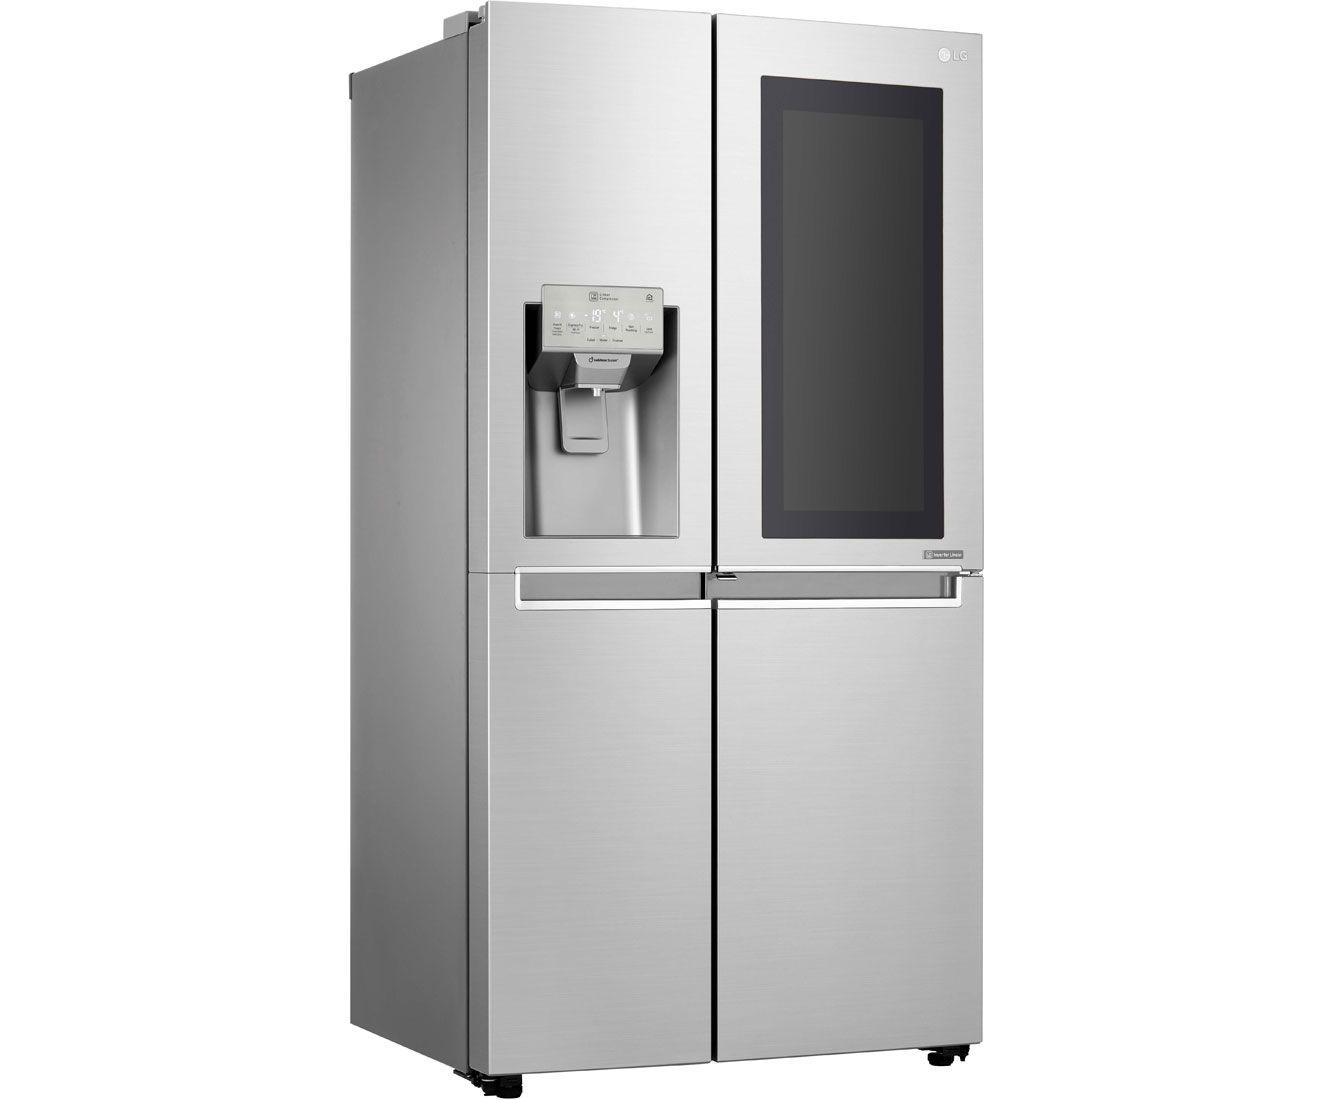 Amerikanischer Kühlschrank Mit Zapfanlage : Lg gsx neaz amerikanischer side by side mit wasserspender